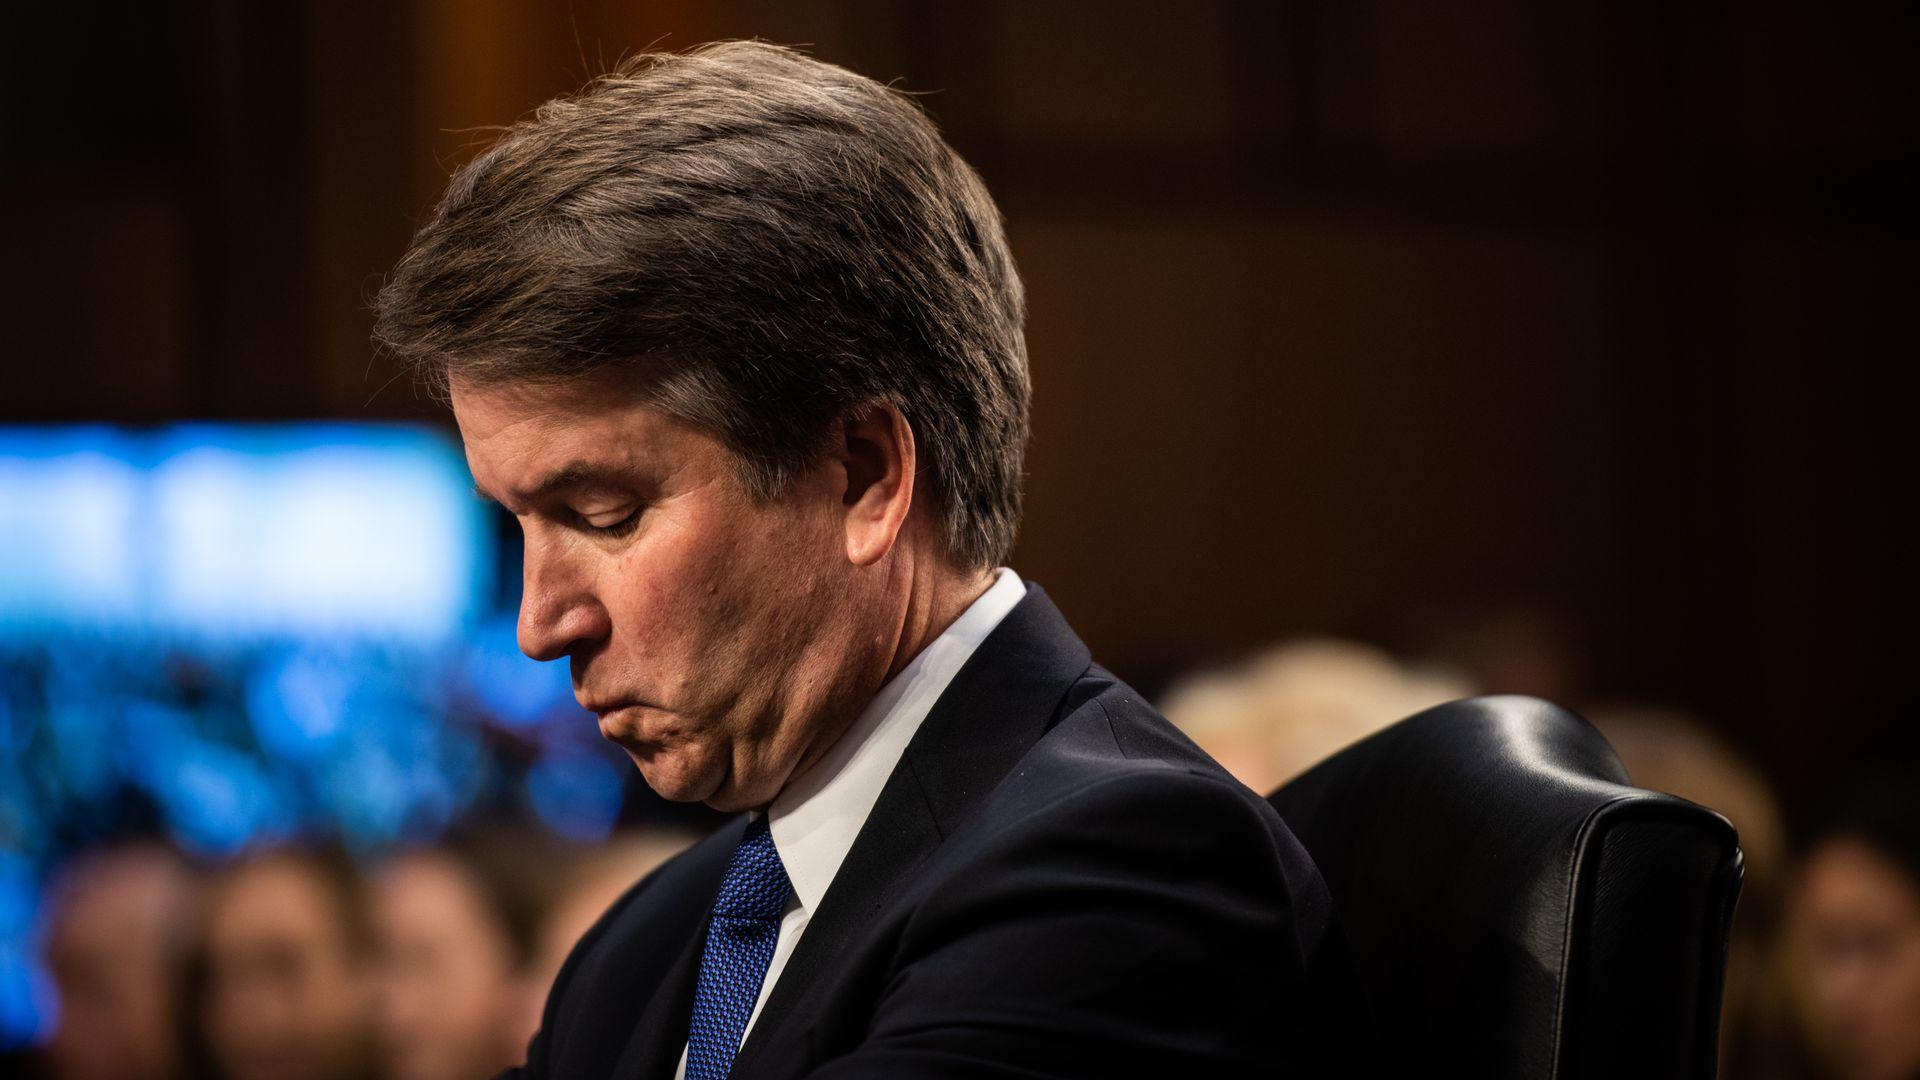 Brett Kavanaugh will no longer teach at Harvard Law School - Axios